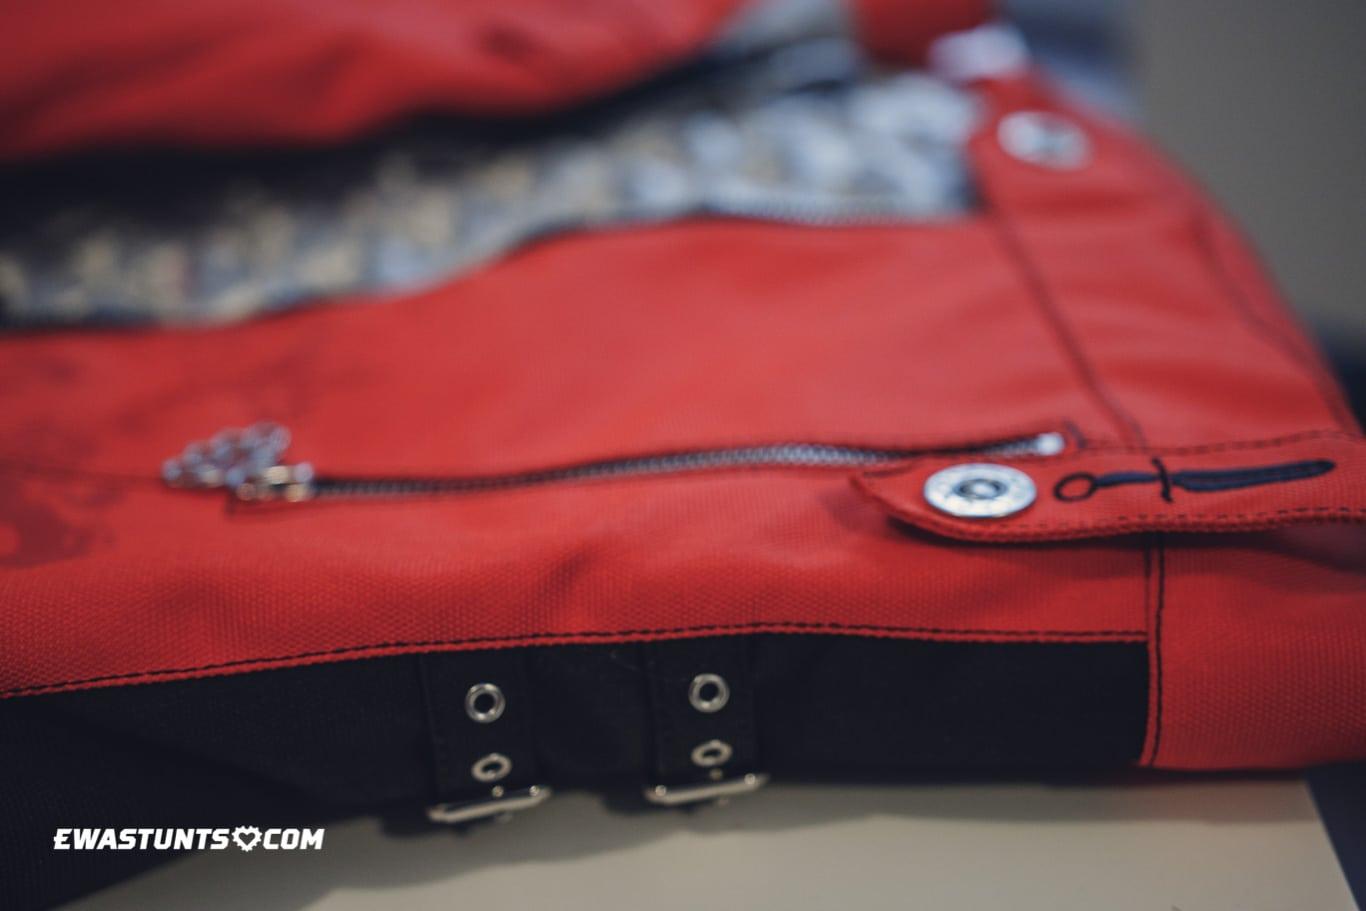 ewastunts_icon_jacket-8